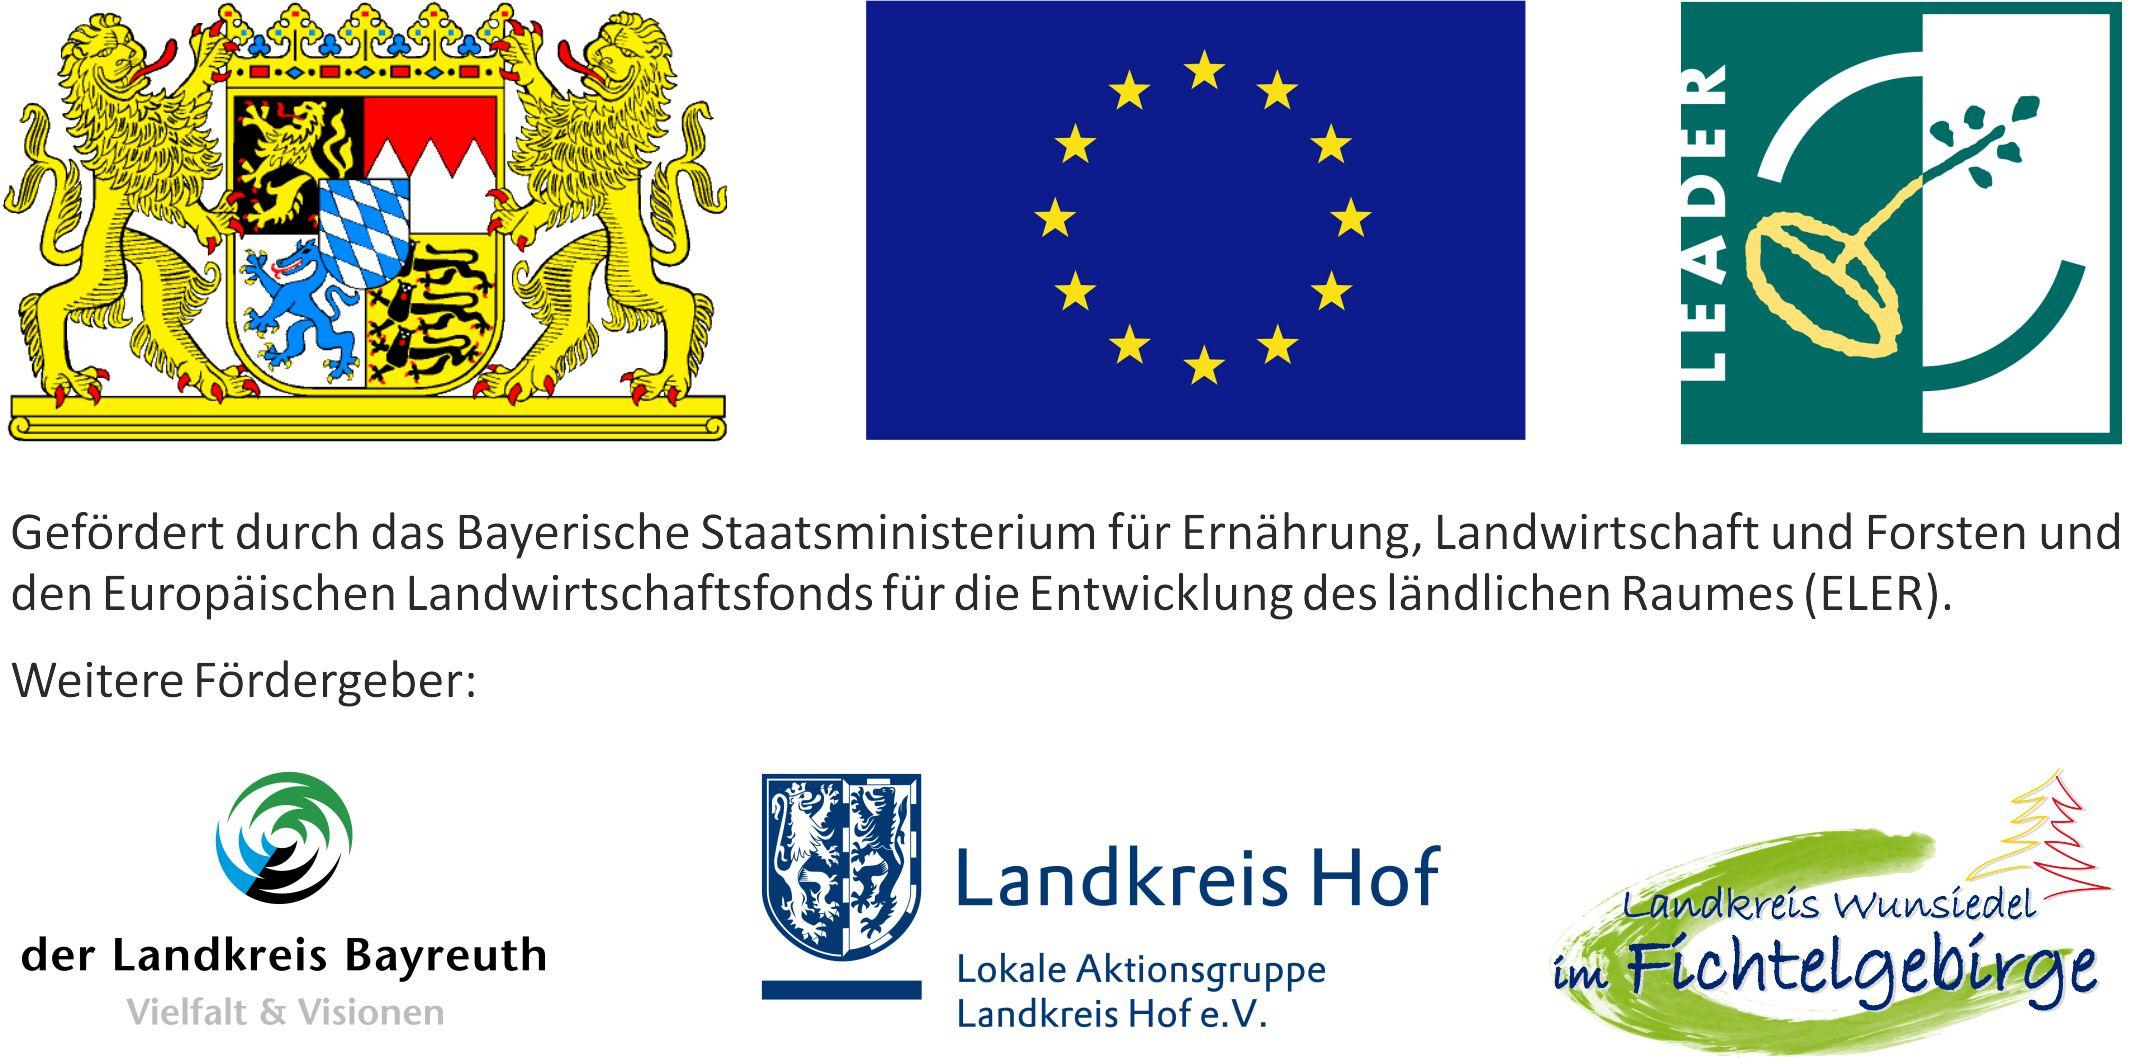 http://www.energie-frankenwald.de/cimages/Logos-Mobilit%C3%A4tsprojekt.jpg